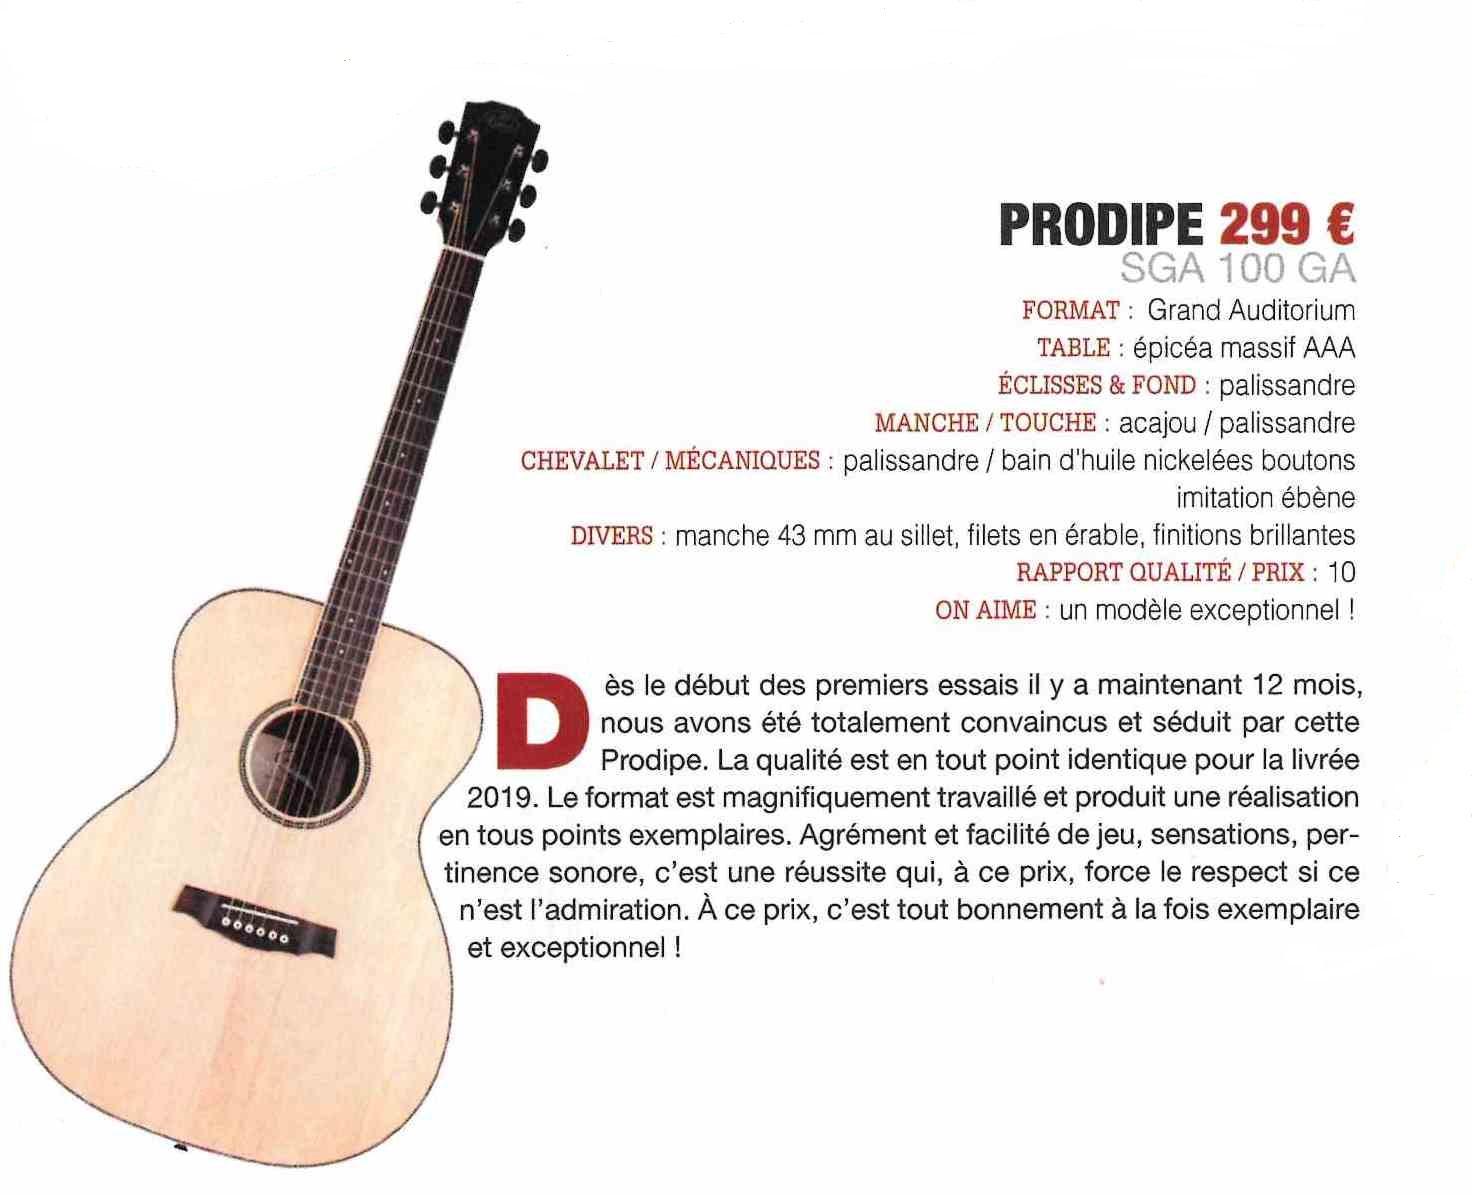 Guitare Acoustique Sga100 Grand Auditorium Prodipe Guitars